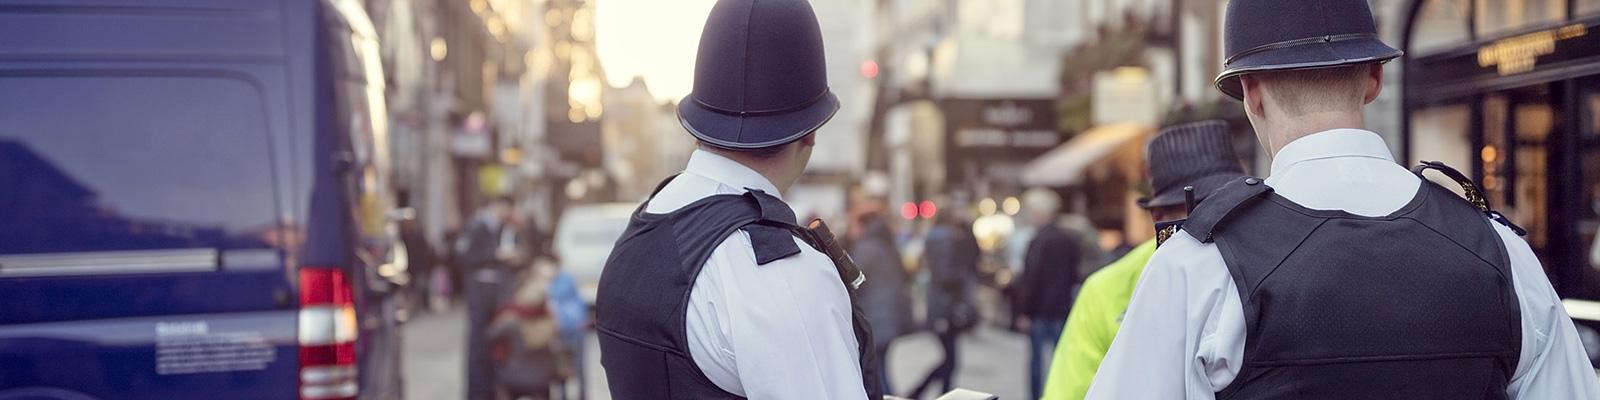 ロンドン 警察 自動車